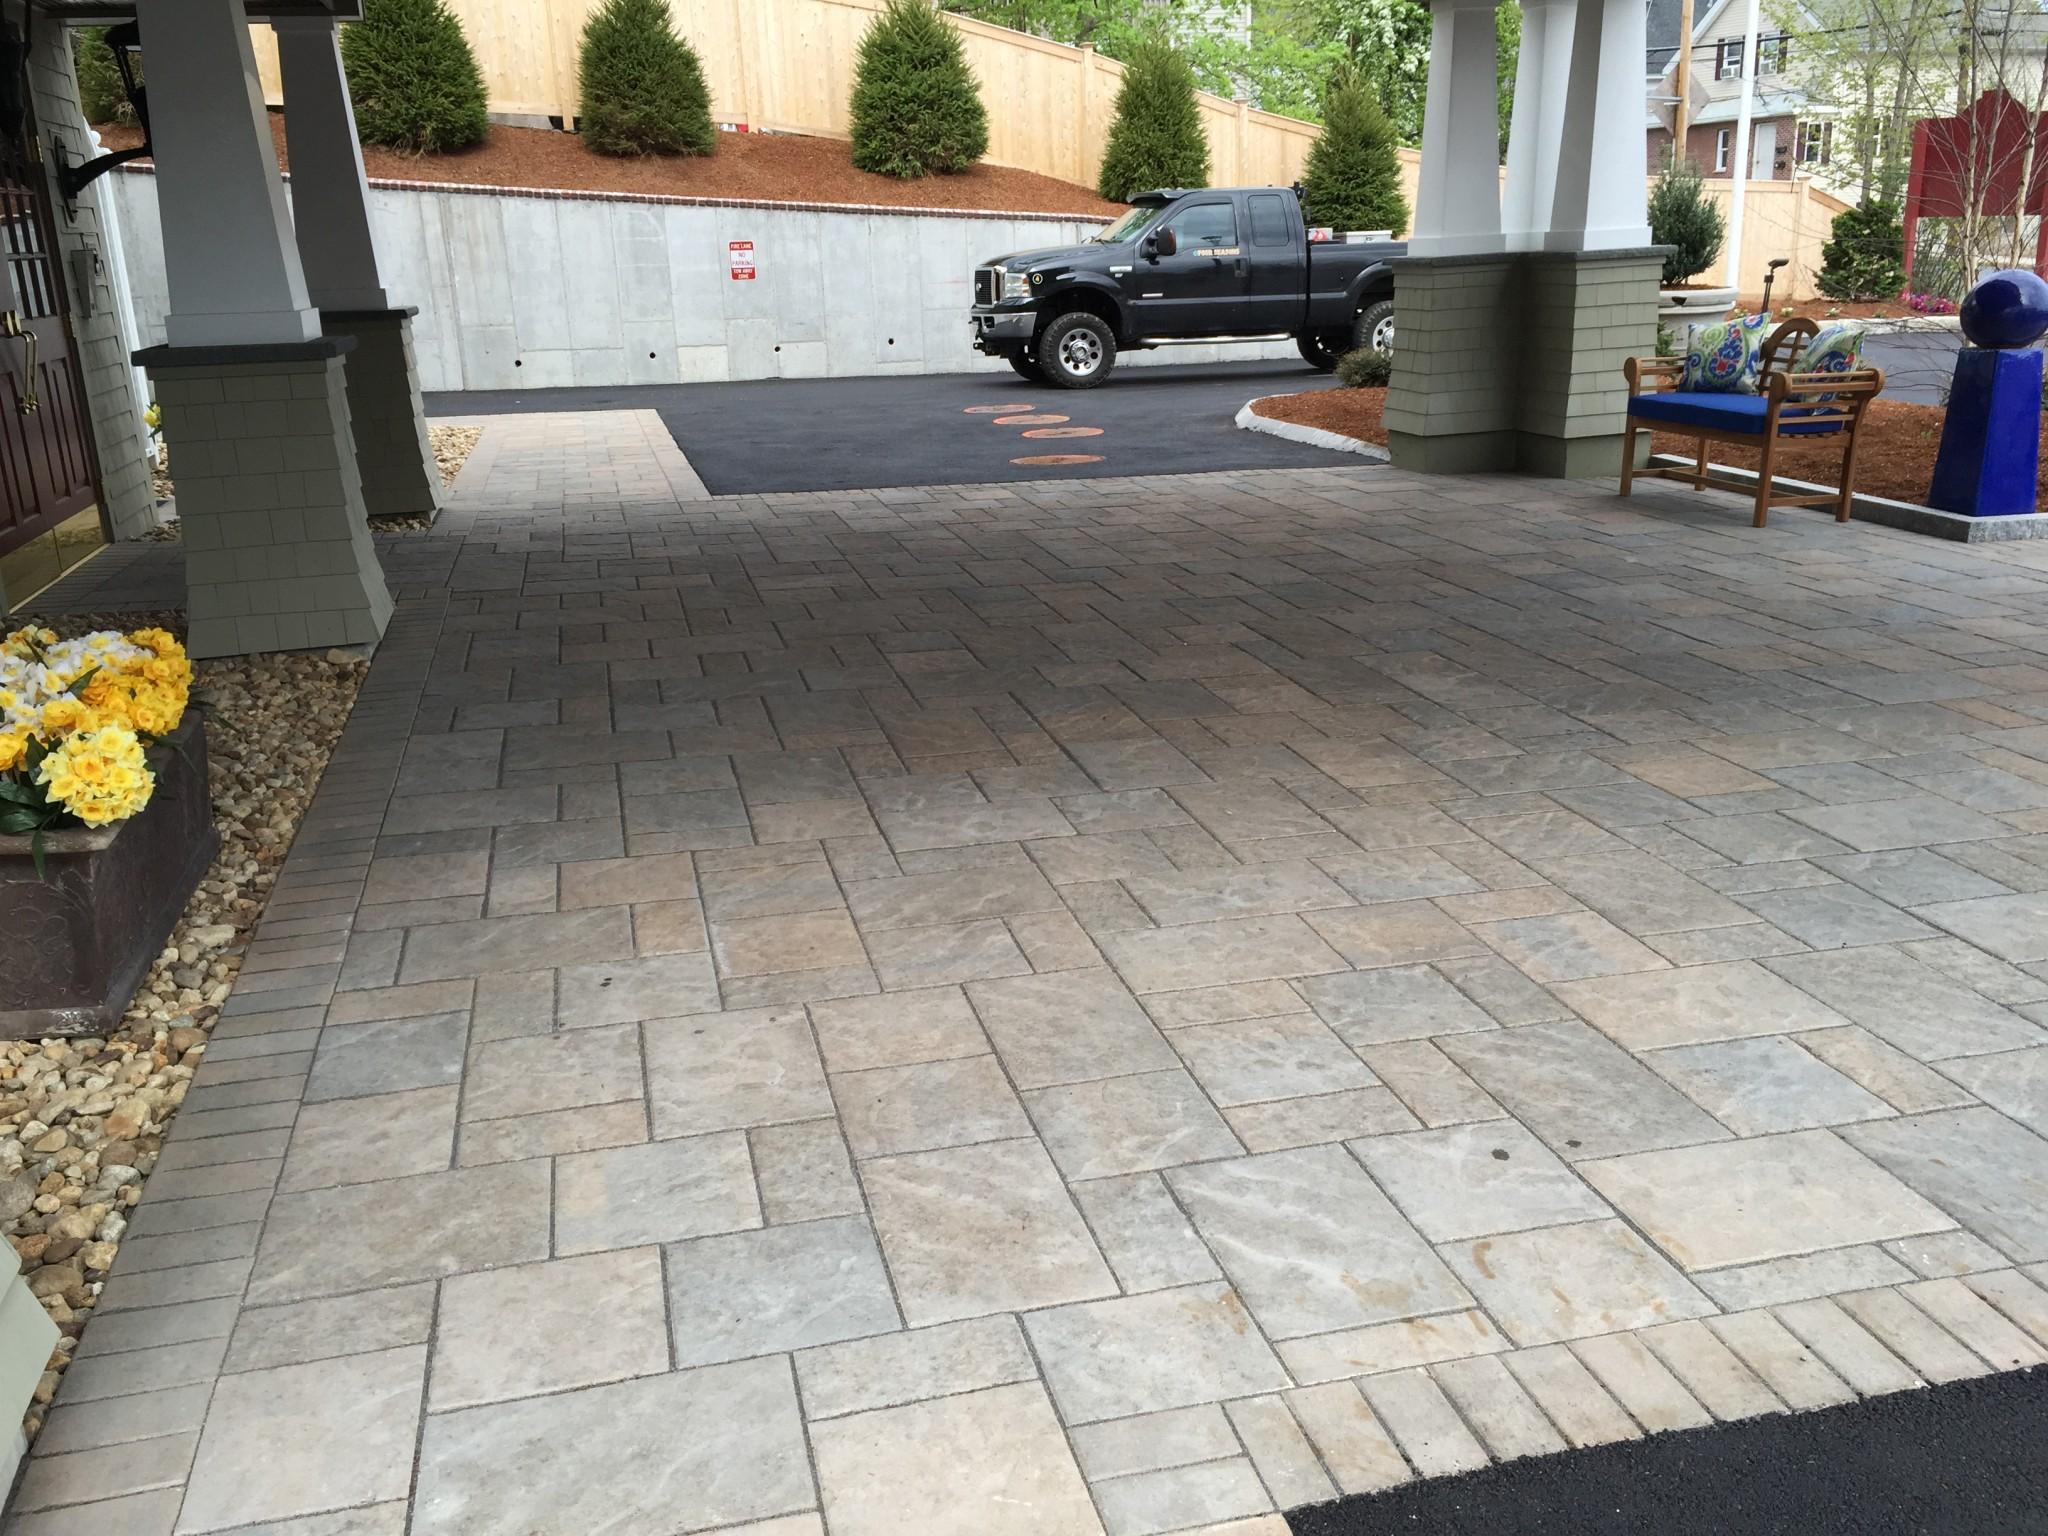 patios_33044673745_o